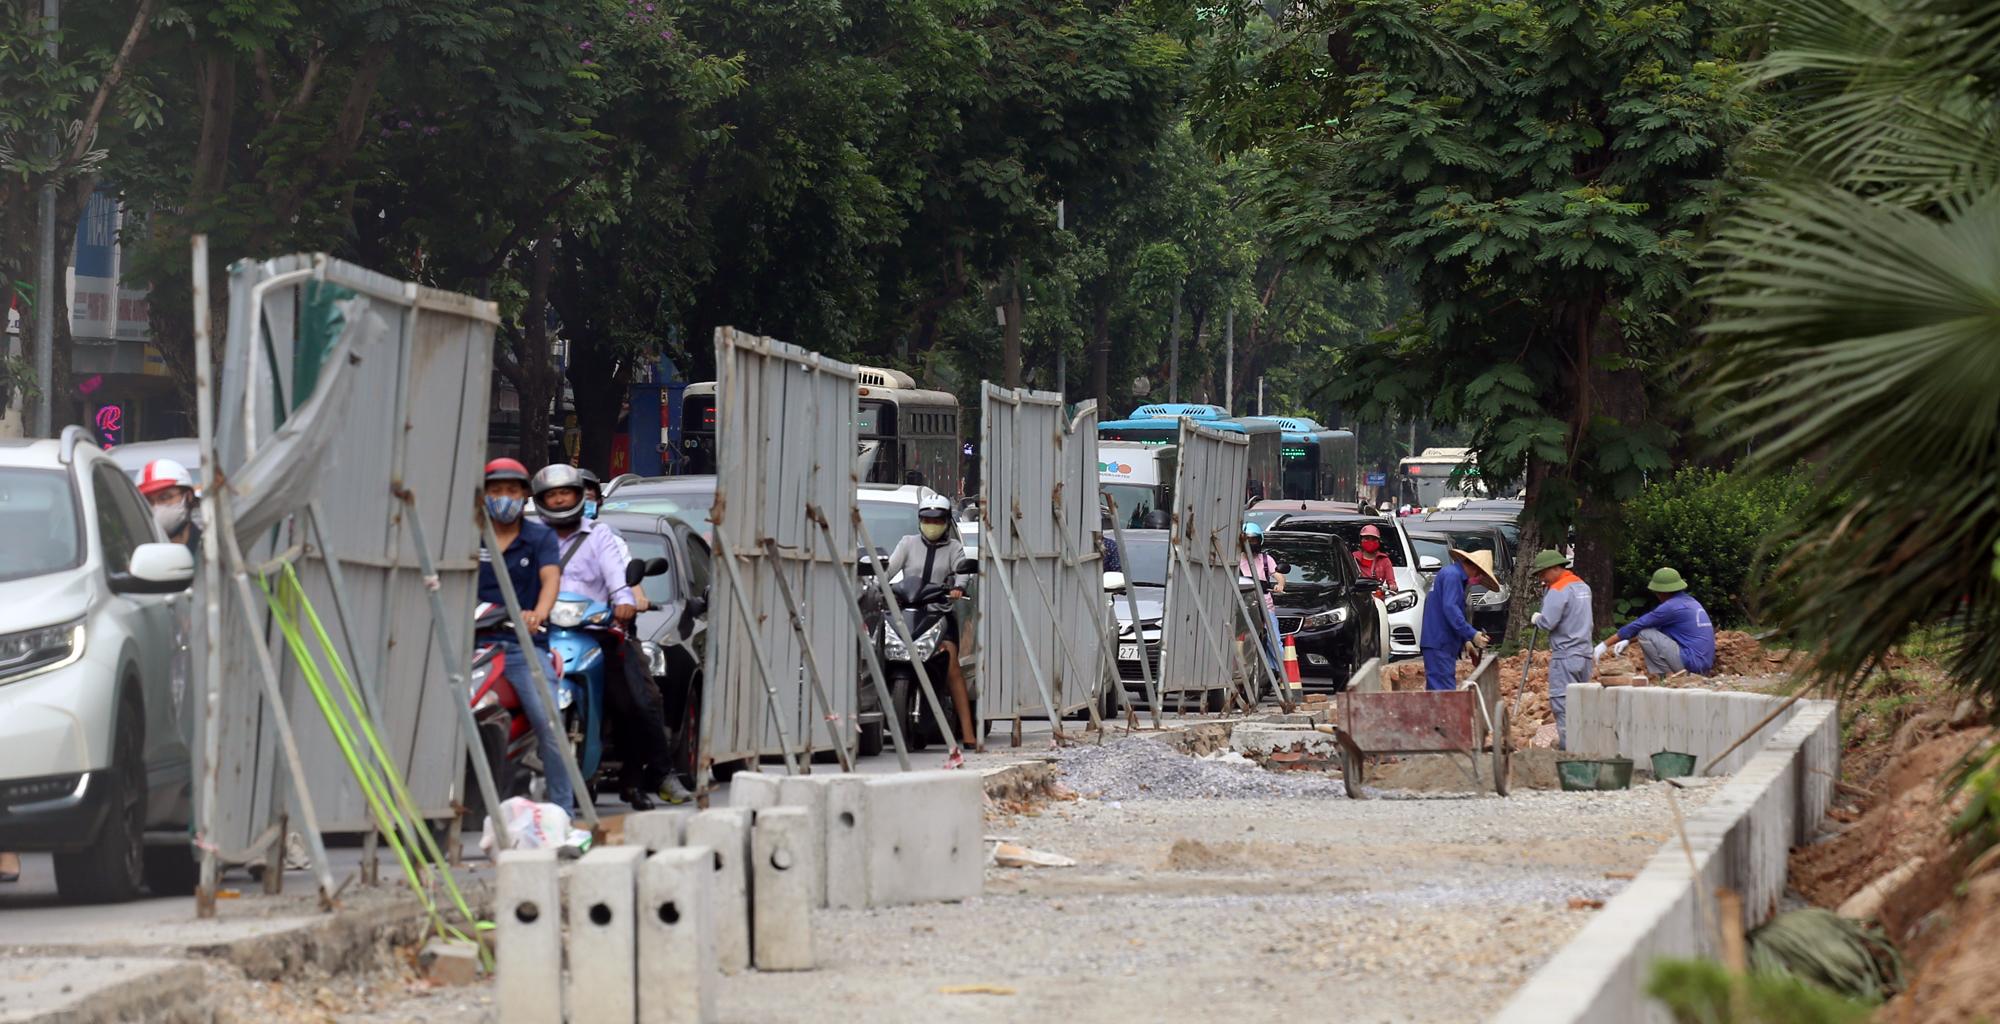 Chật vật qua nút giao Hoàng Quốc Việt - Nguyễn Văn Huyên đang xây cầu vượt - Ảnh 14.